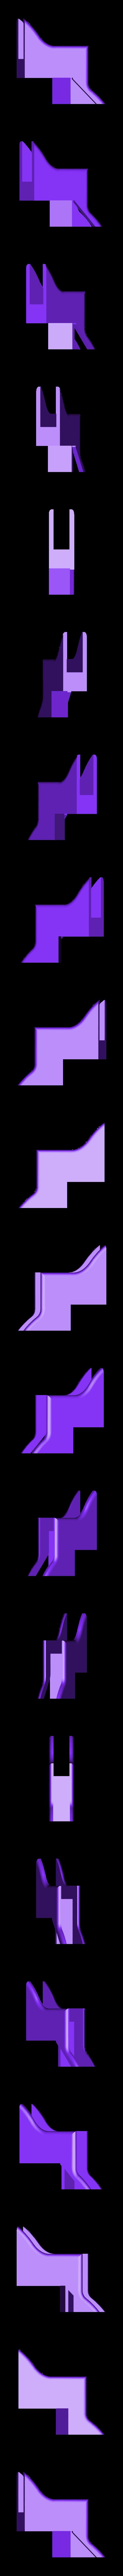 Hinge Right.STL Télécharger fichier STL gratuit Poitrine de Foerris • Objet pour imprimante 3D, Foerris